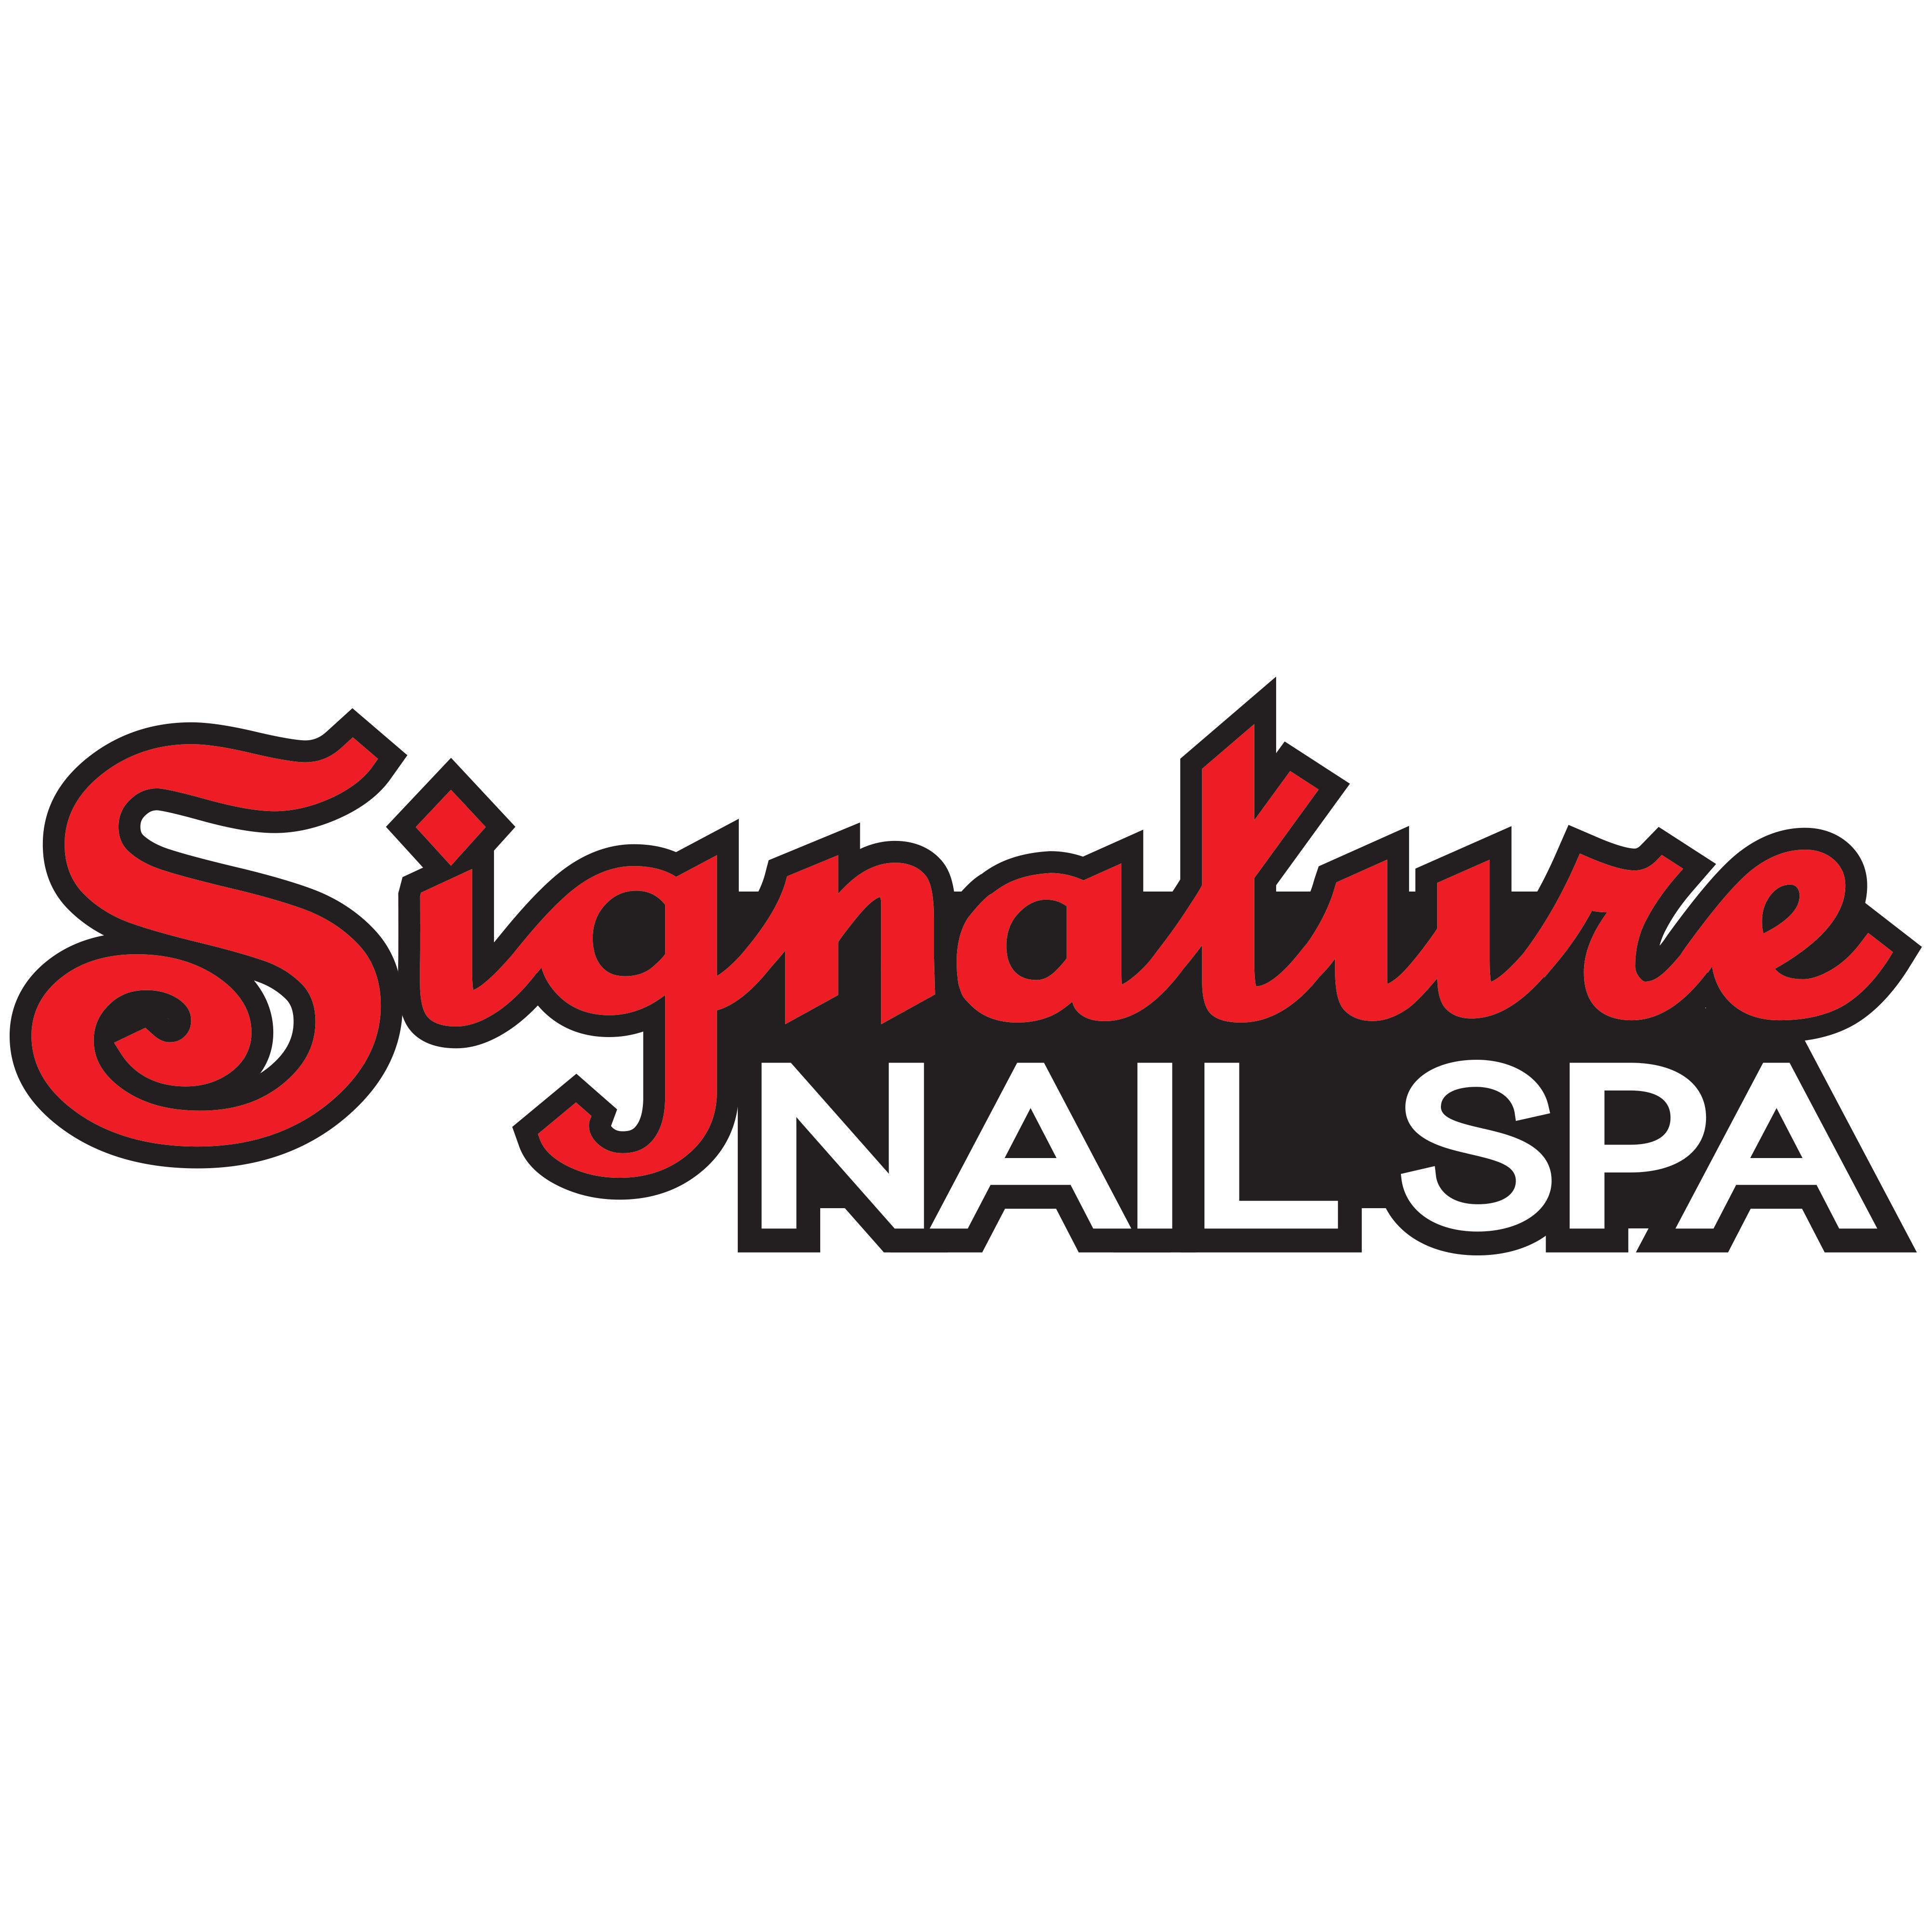 Signature Nail Spa image 6